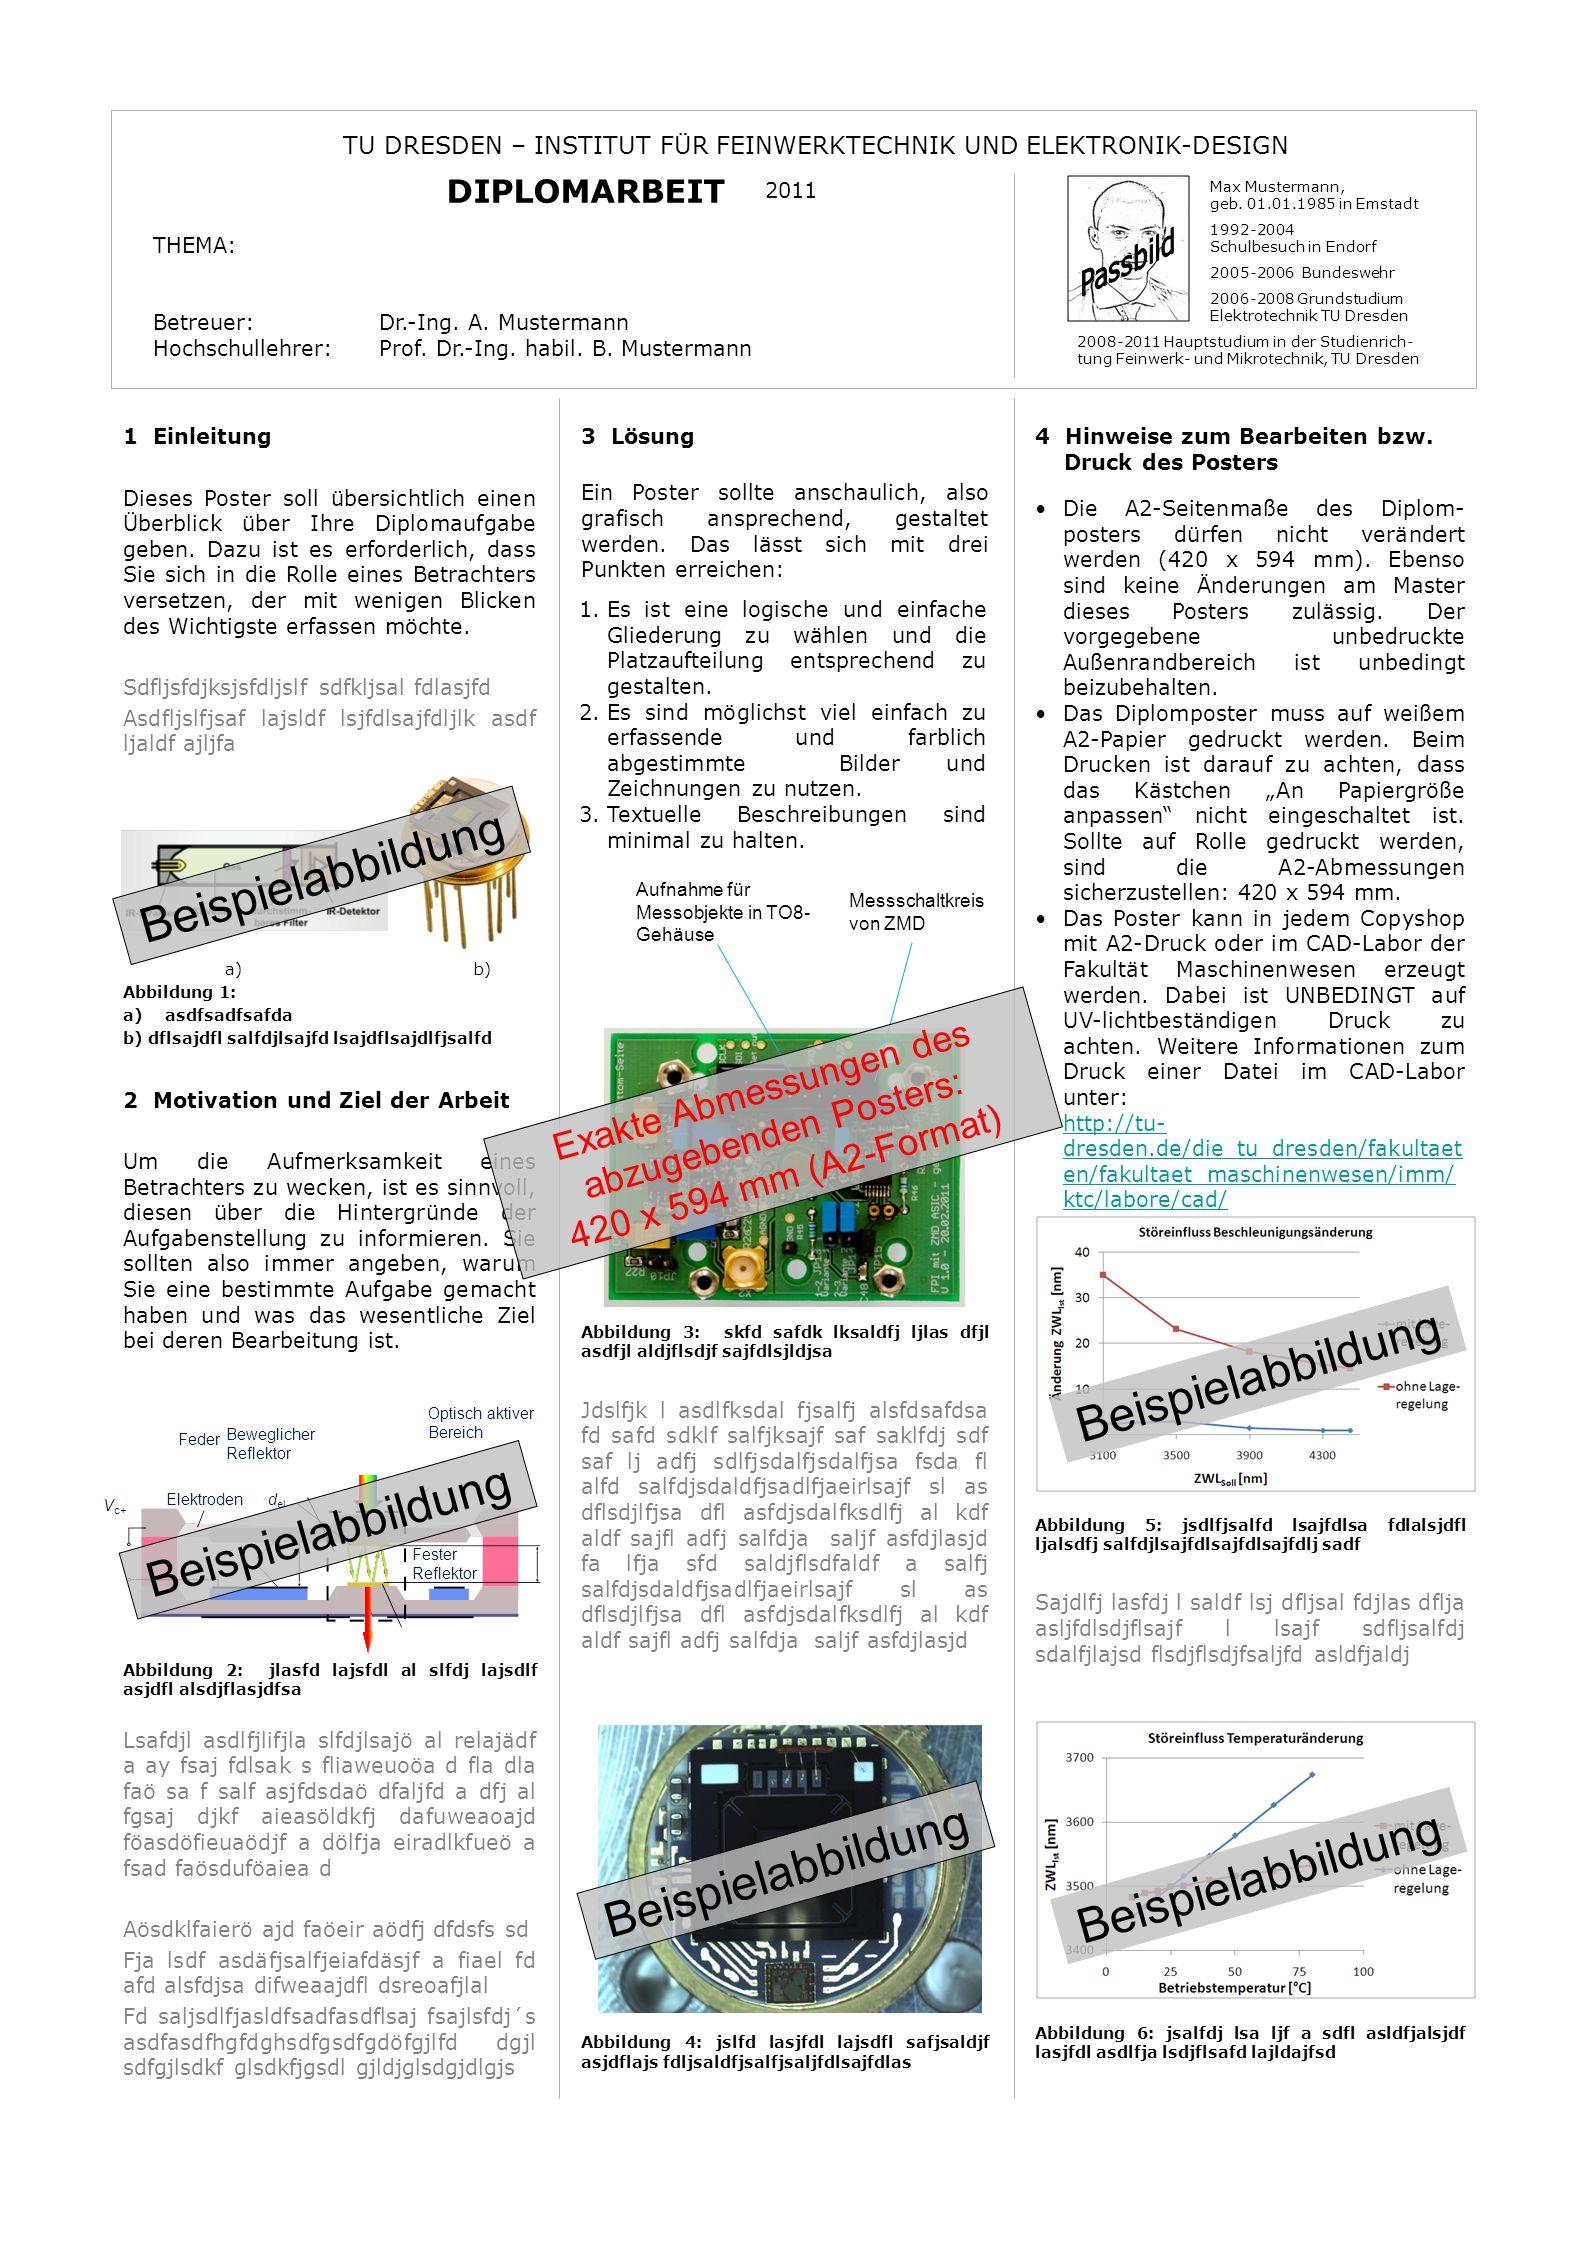 Exakte Abmessungen des abzugebenden Posters: 420 x 594 mm (A2-Format)